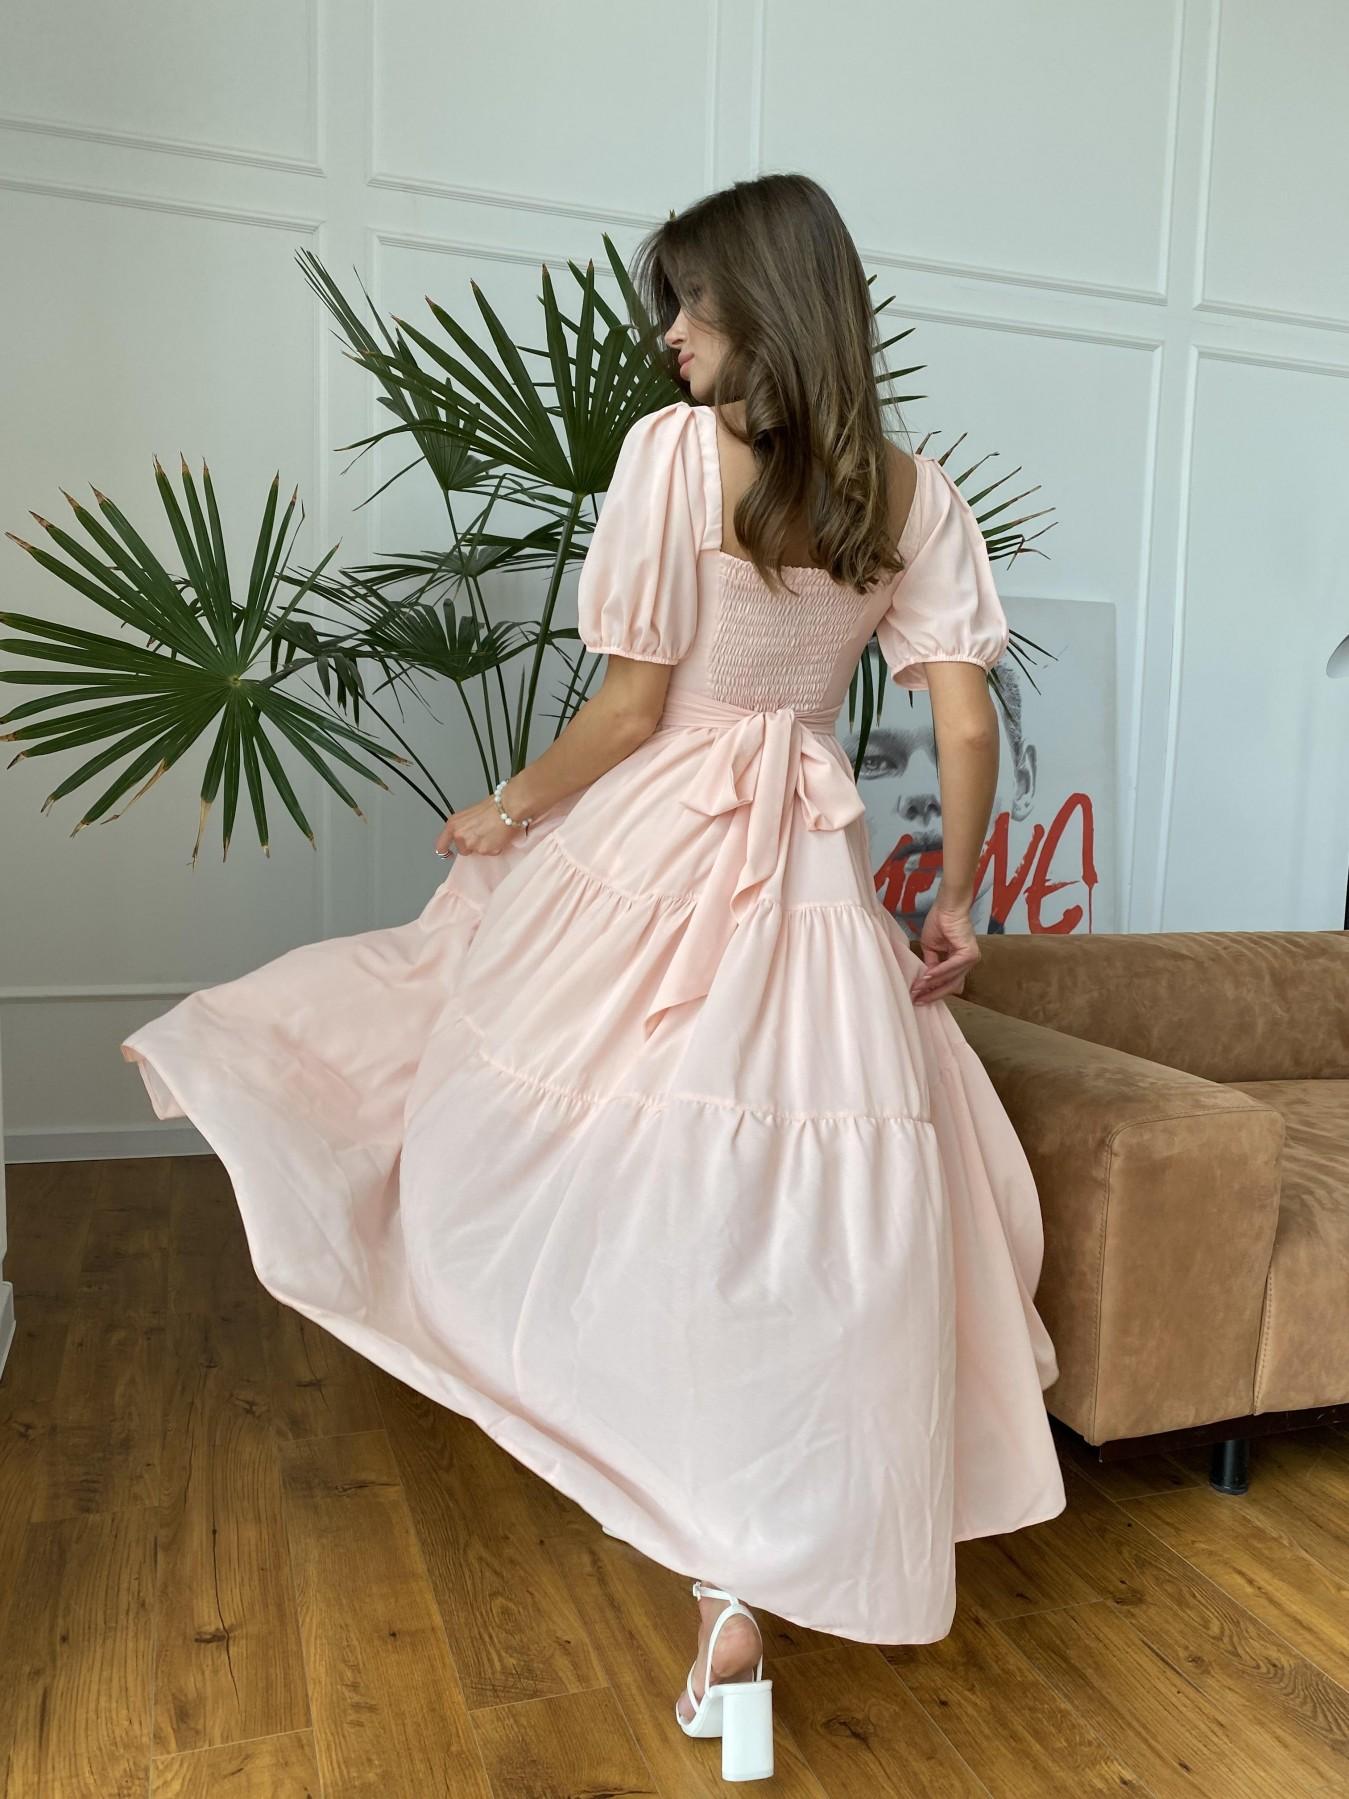 Сейшелы платье креп шифон 11519 АРТ. 48201 Цвет: Персик 17 - фото 4, интернет магазин tm-modus.ru